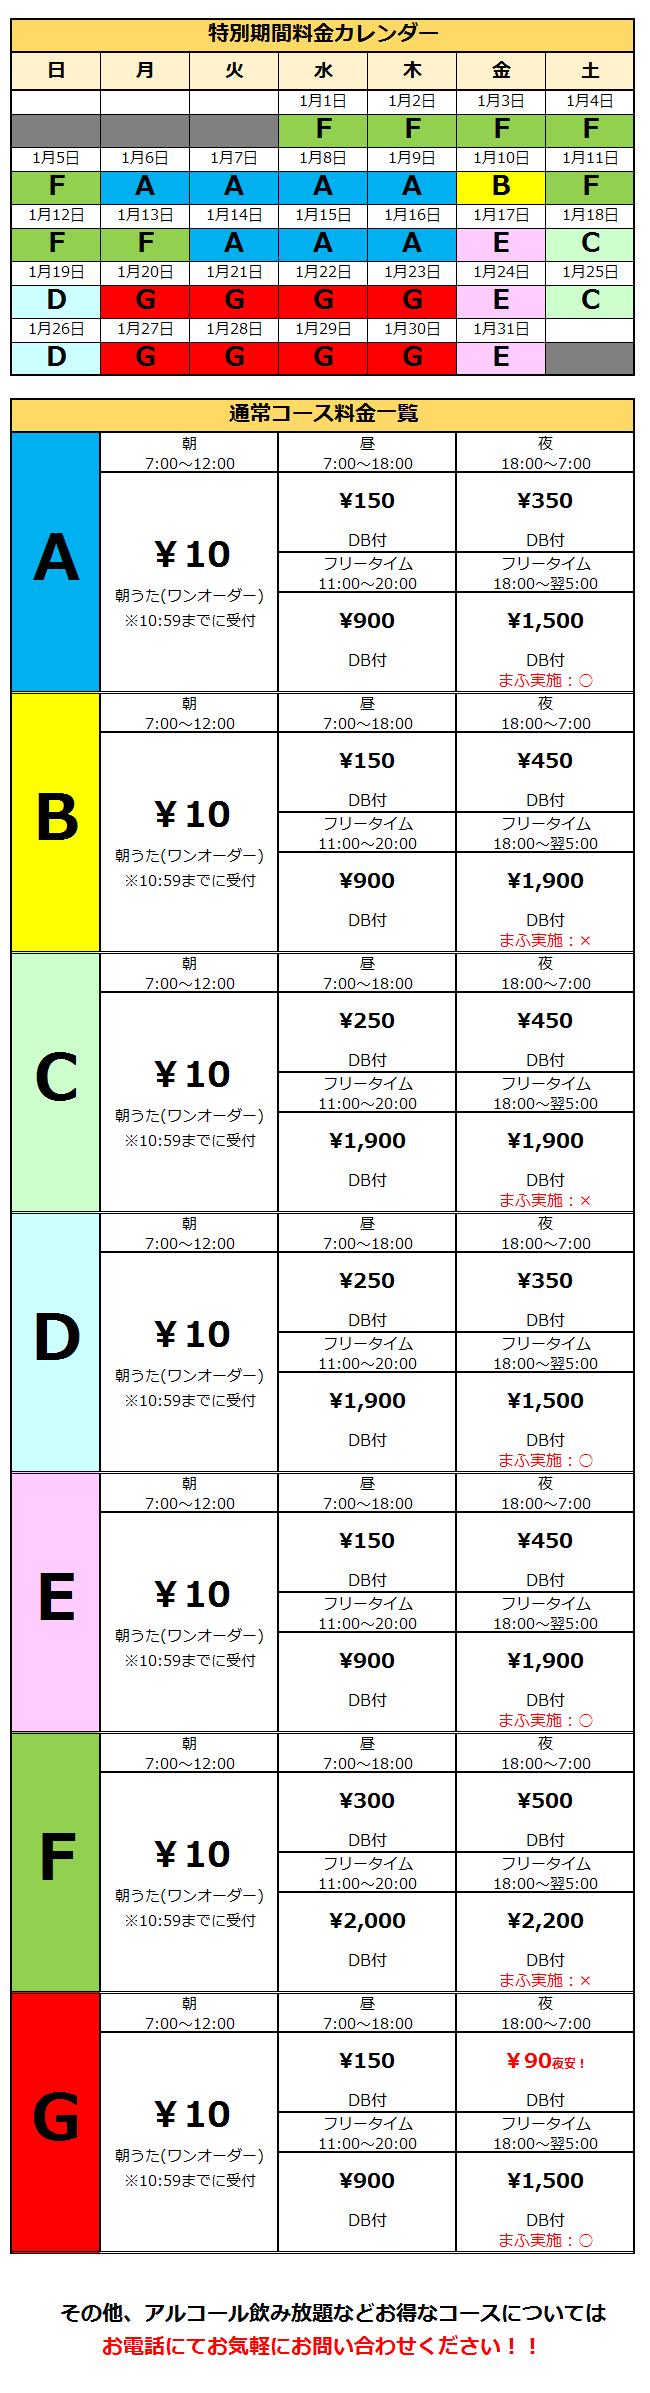 https://www.karaokemanekineko.jp/shop/f7bacb253a19da9a4ec497d38d354df5f5563fac.png